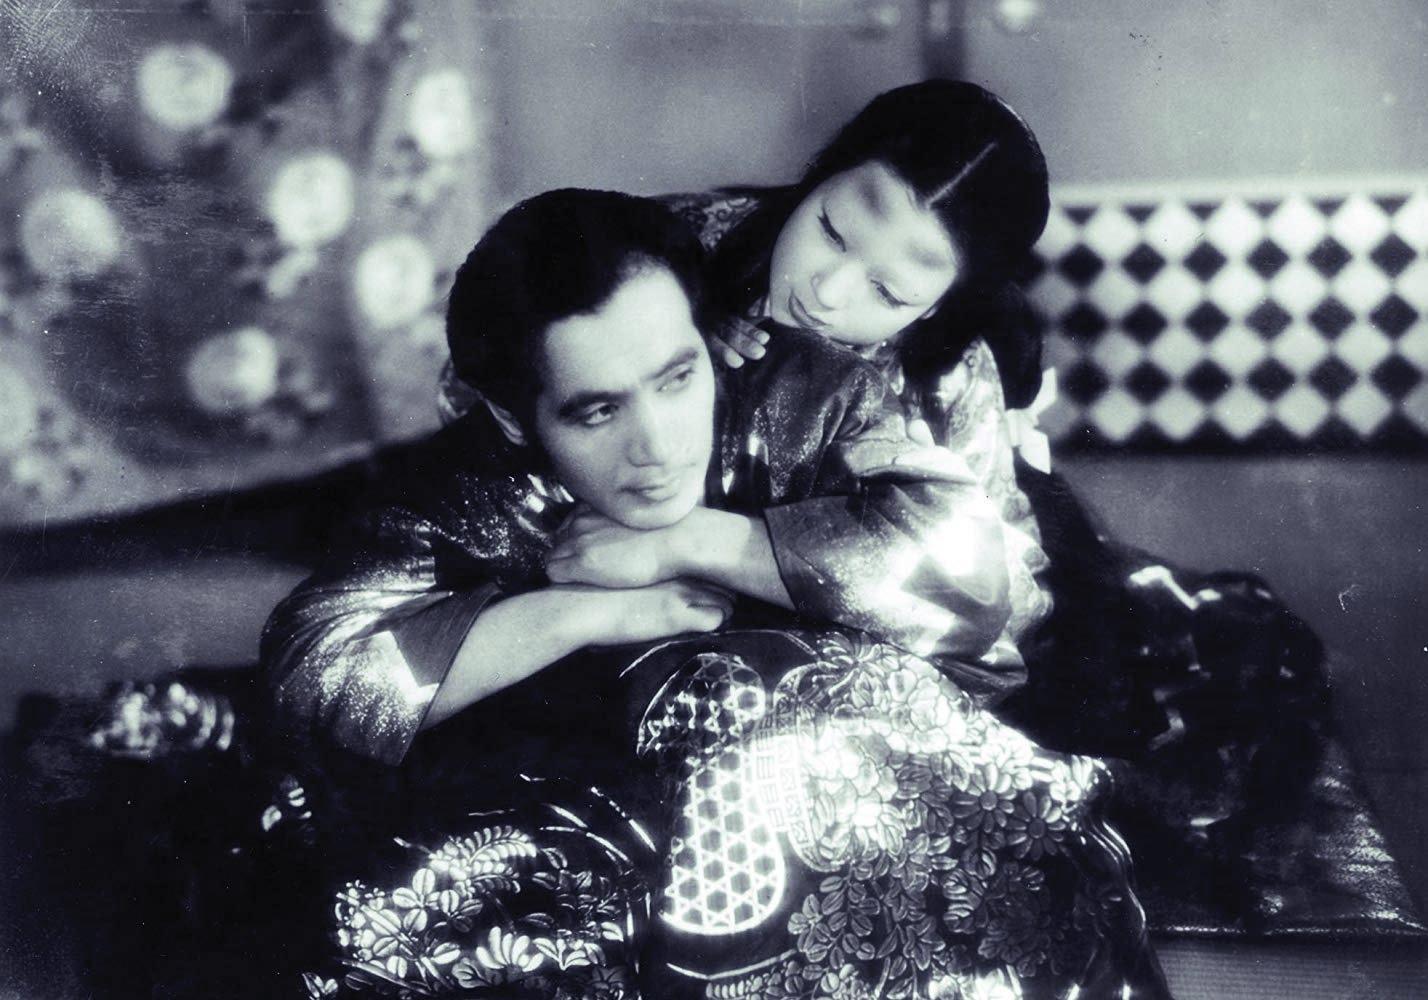 Samurai Masayuki Mori and the ghostly Machiko Kyo in Ugetsu Monogatari (1953)